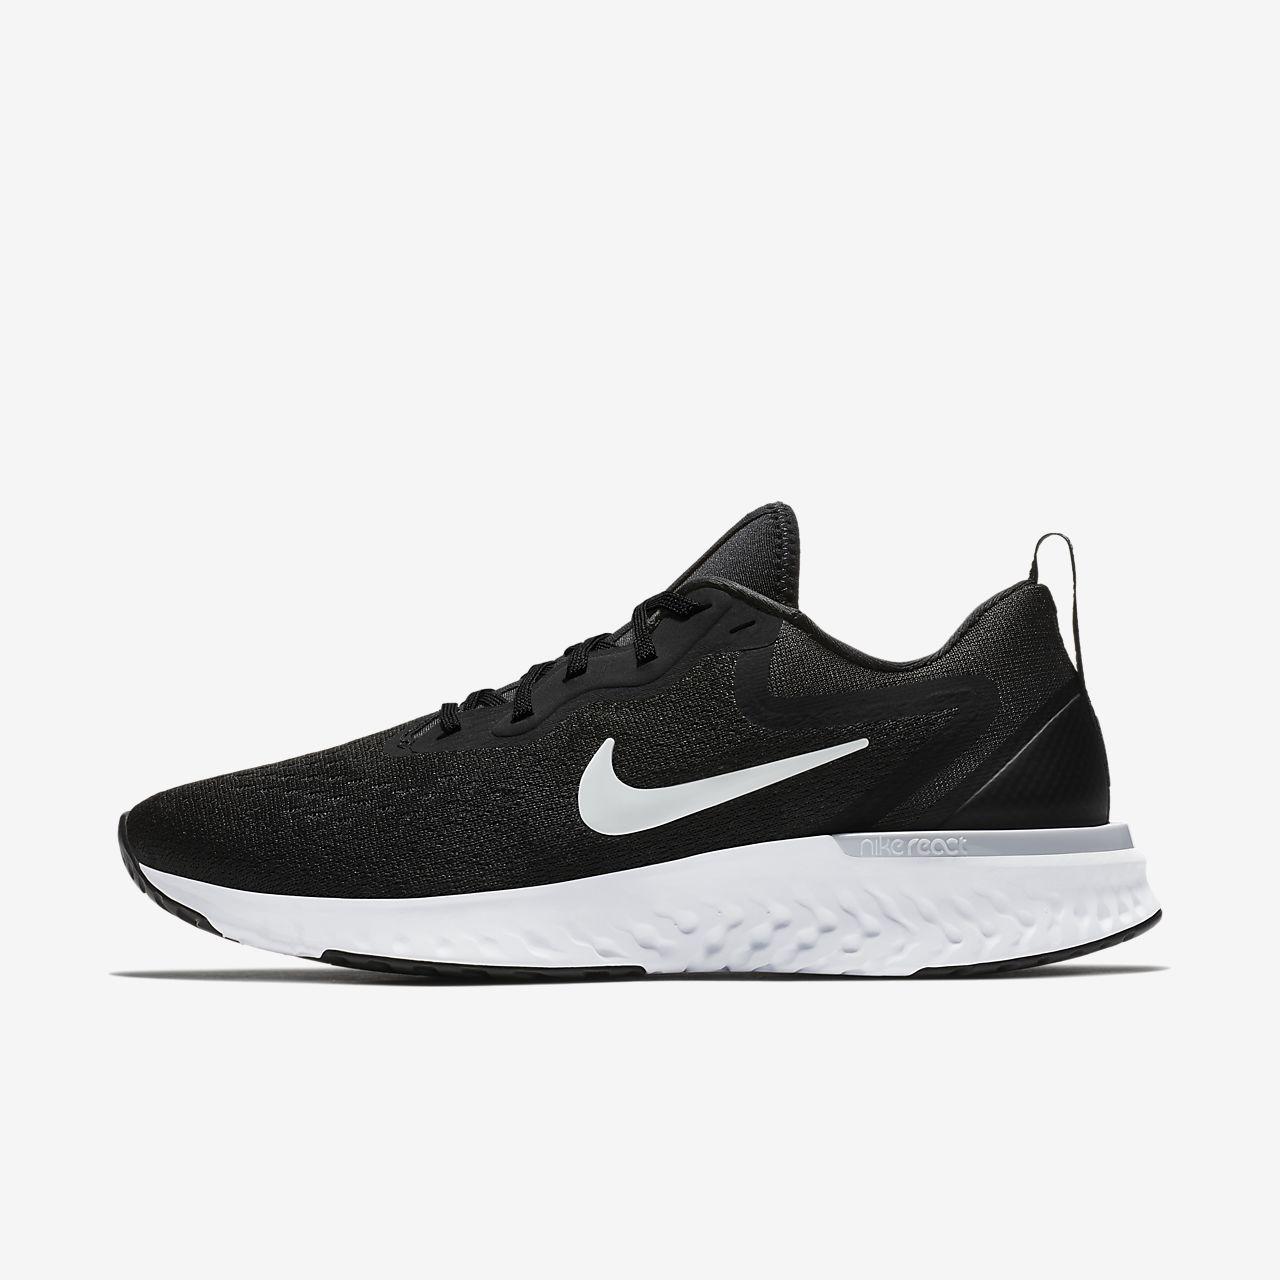 Nike Chaussures Odyssey Course Réagissent - Noir / Blanc oCGQTiM3